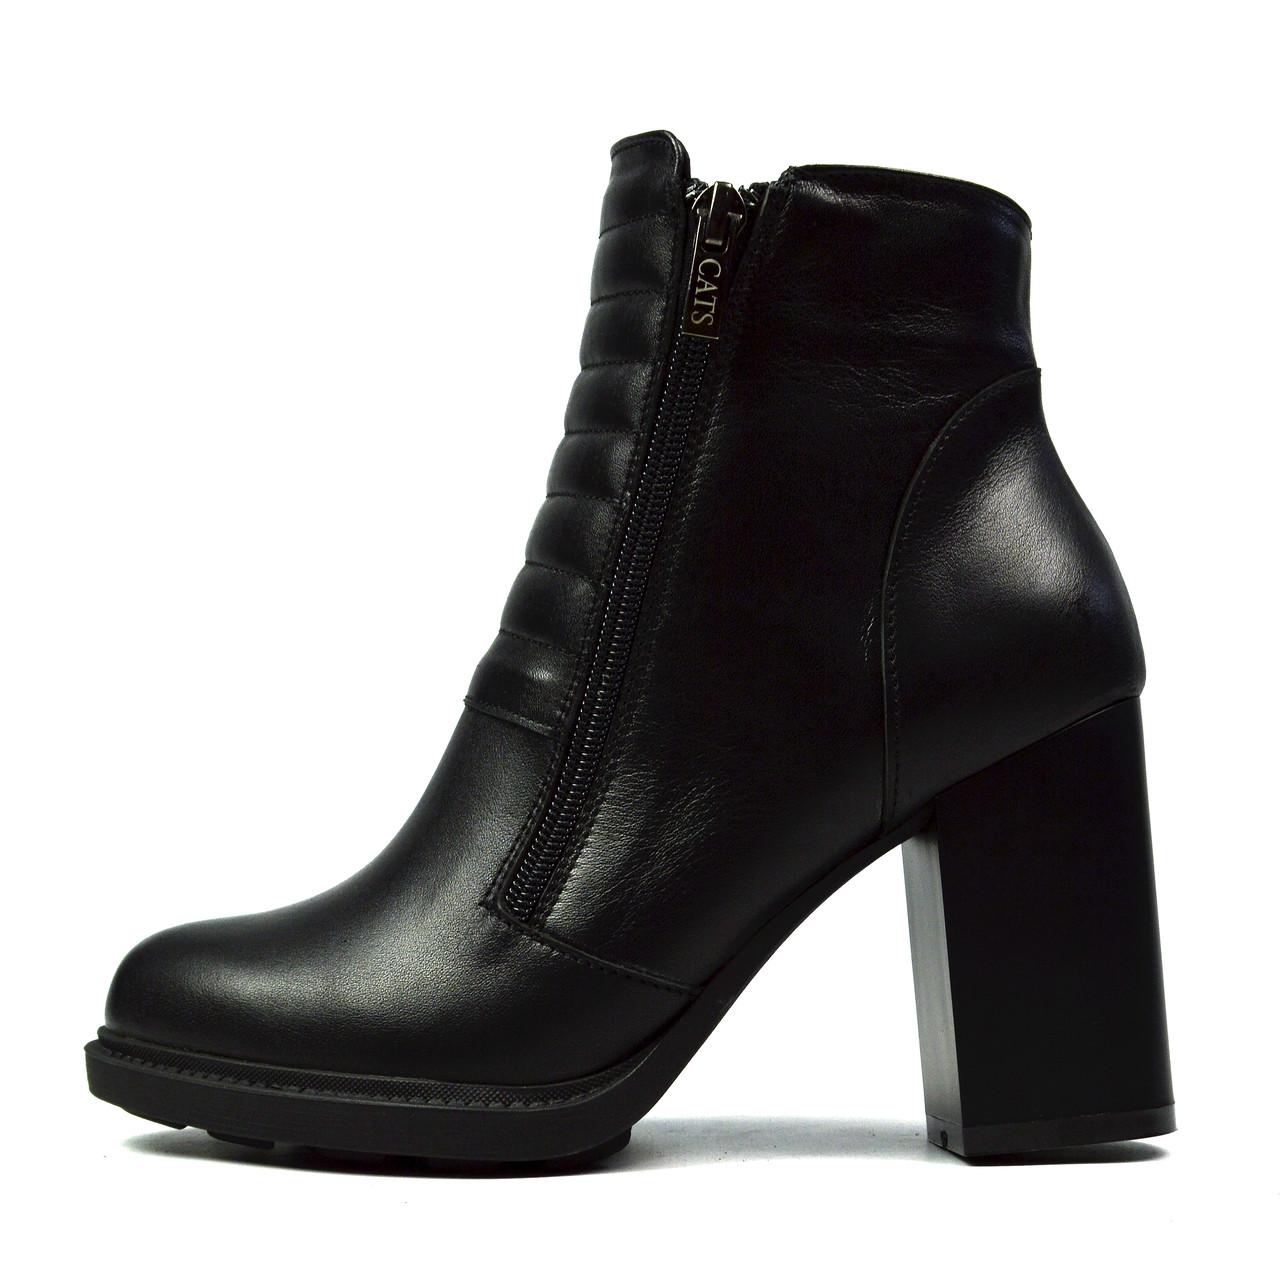 Черные женские зимние кожаные ботинки на каблуку CATS на меху ( шерсть )